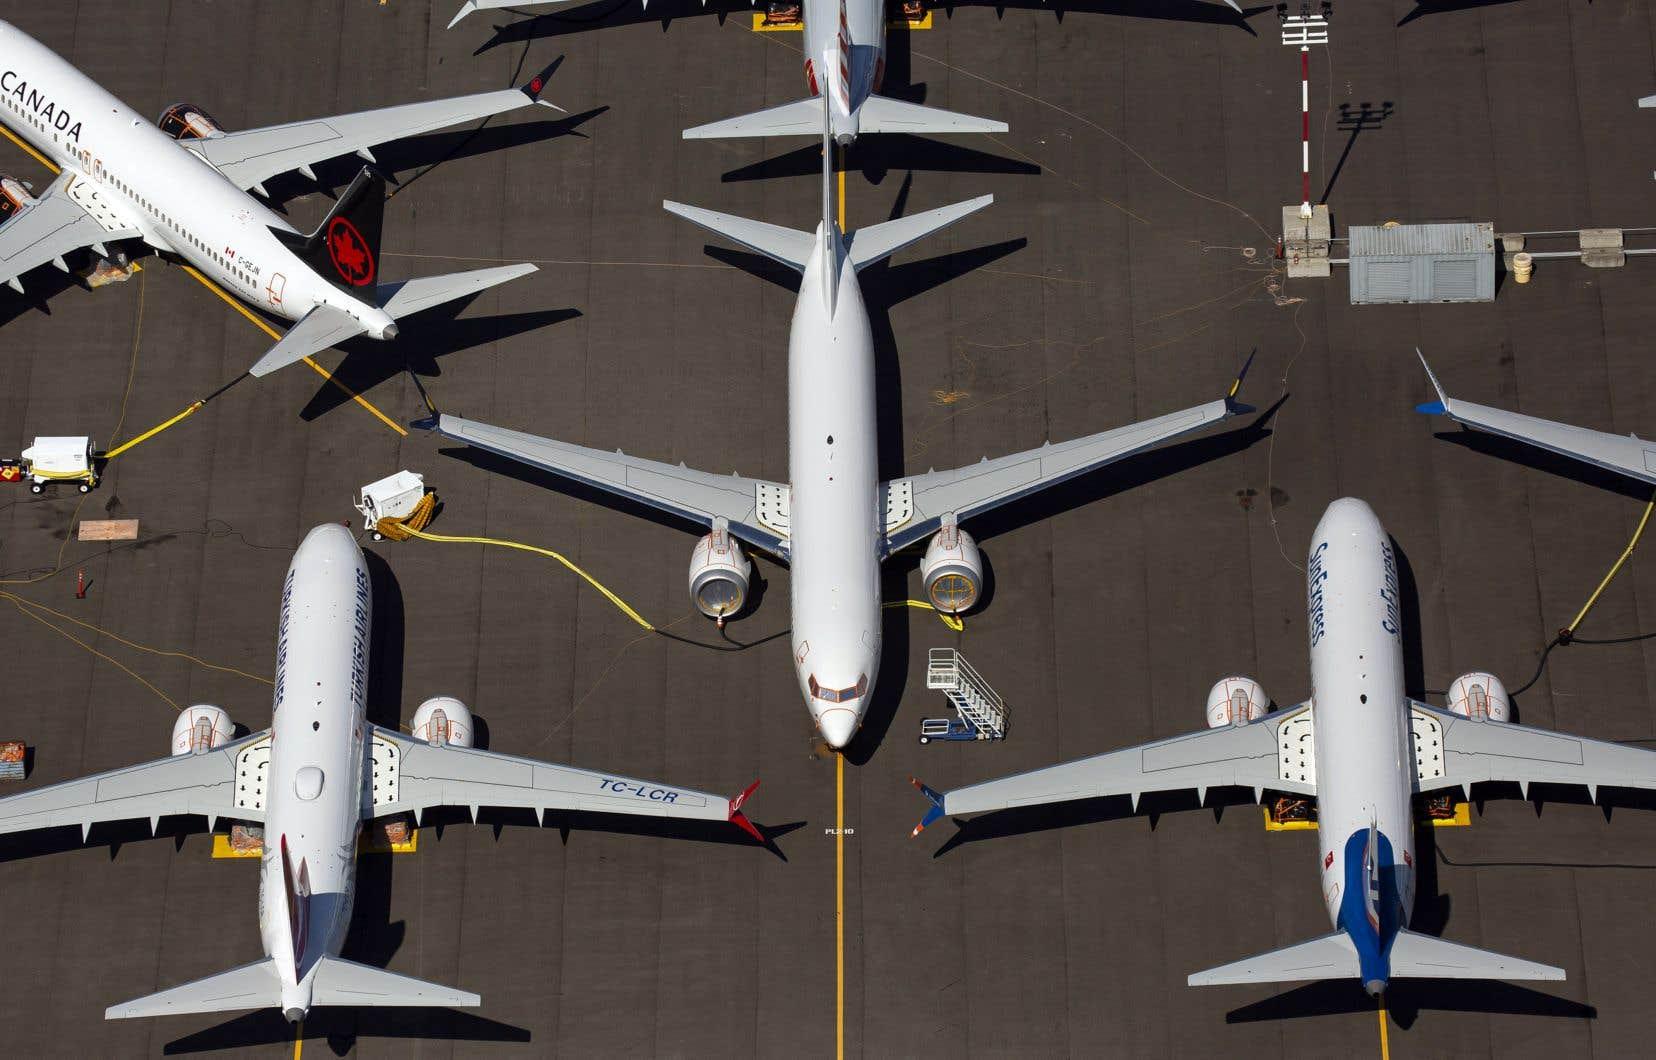 <p>Seulement 14% de voyageurs loisirs prendraient volontiers le 737 MAX dans les six mois suivant son retour dans le ciel, selon un sondage.</p>